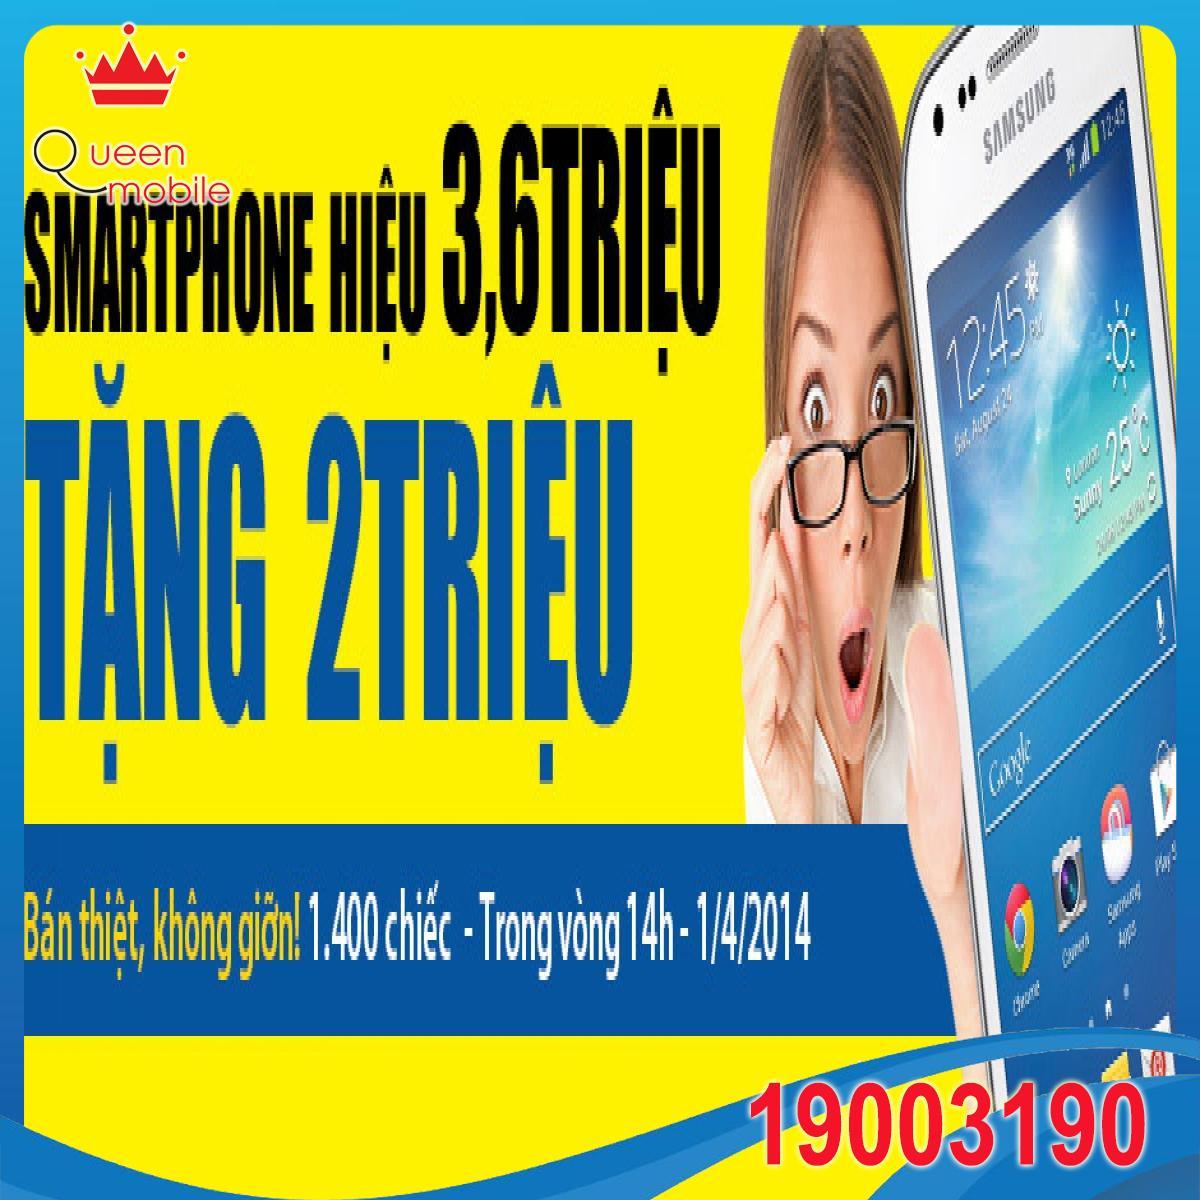 Mua Smartphone Hiệu 3,6 Triệu, Nhận Ngay Quà 2 Triệu